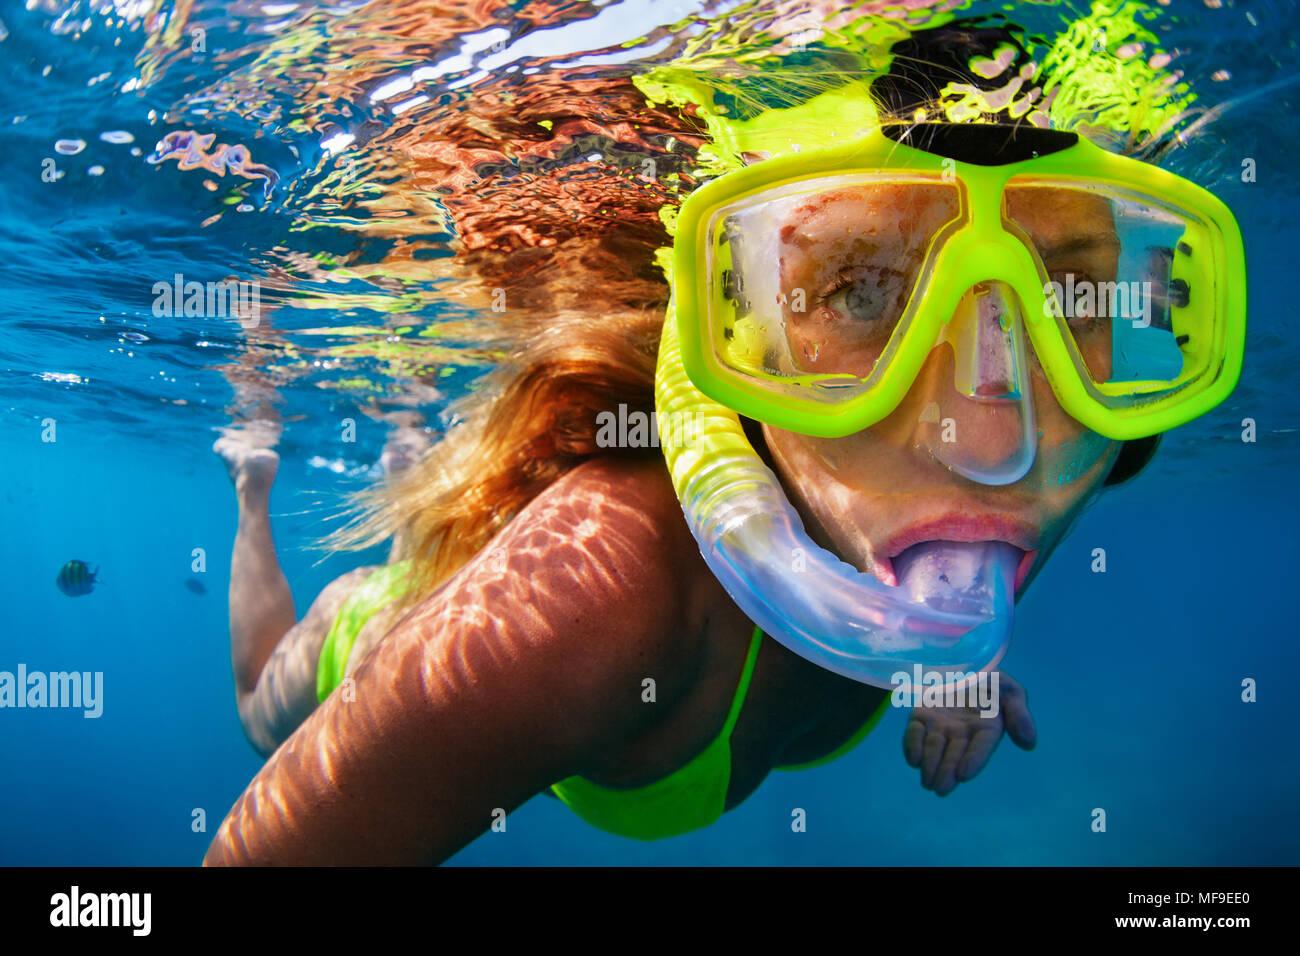 Felice ragazza in snorkeling maschera subacquea Immersioni con pesci tropicali in Coral reef piscina sul mare. Lo stile di vita di viaggi, sport acquatici, outdoor adventure, nuoto Immagini Stock